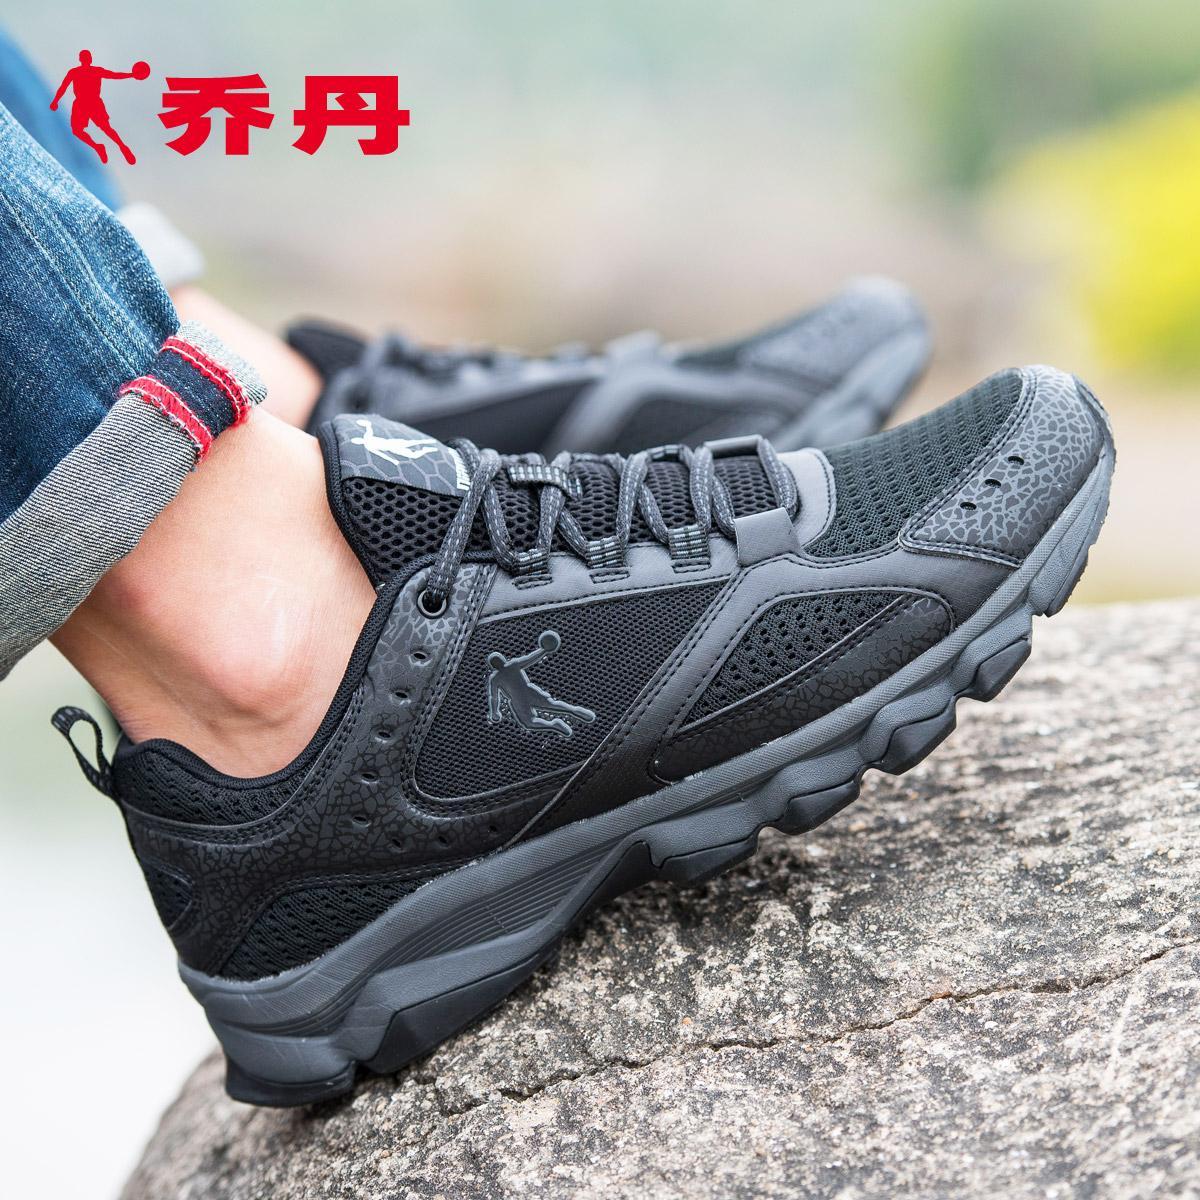 乔丹男鞋秋季新品跑步鞋运动鞋男品牌大码男鞋休闲鞋旅游鞋跑鞋